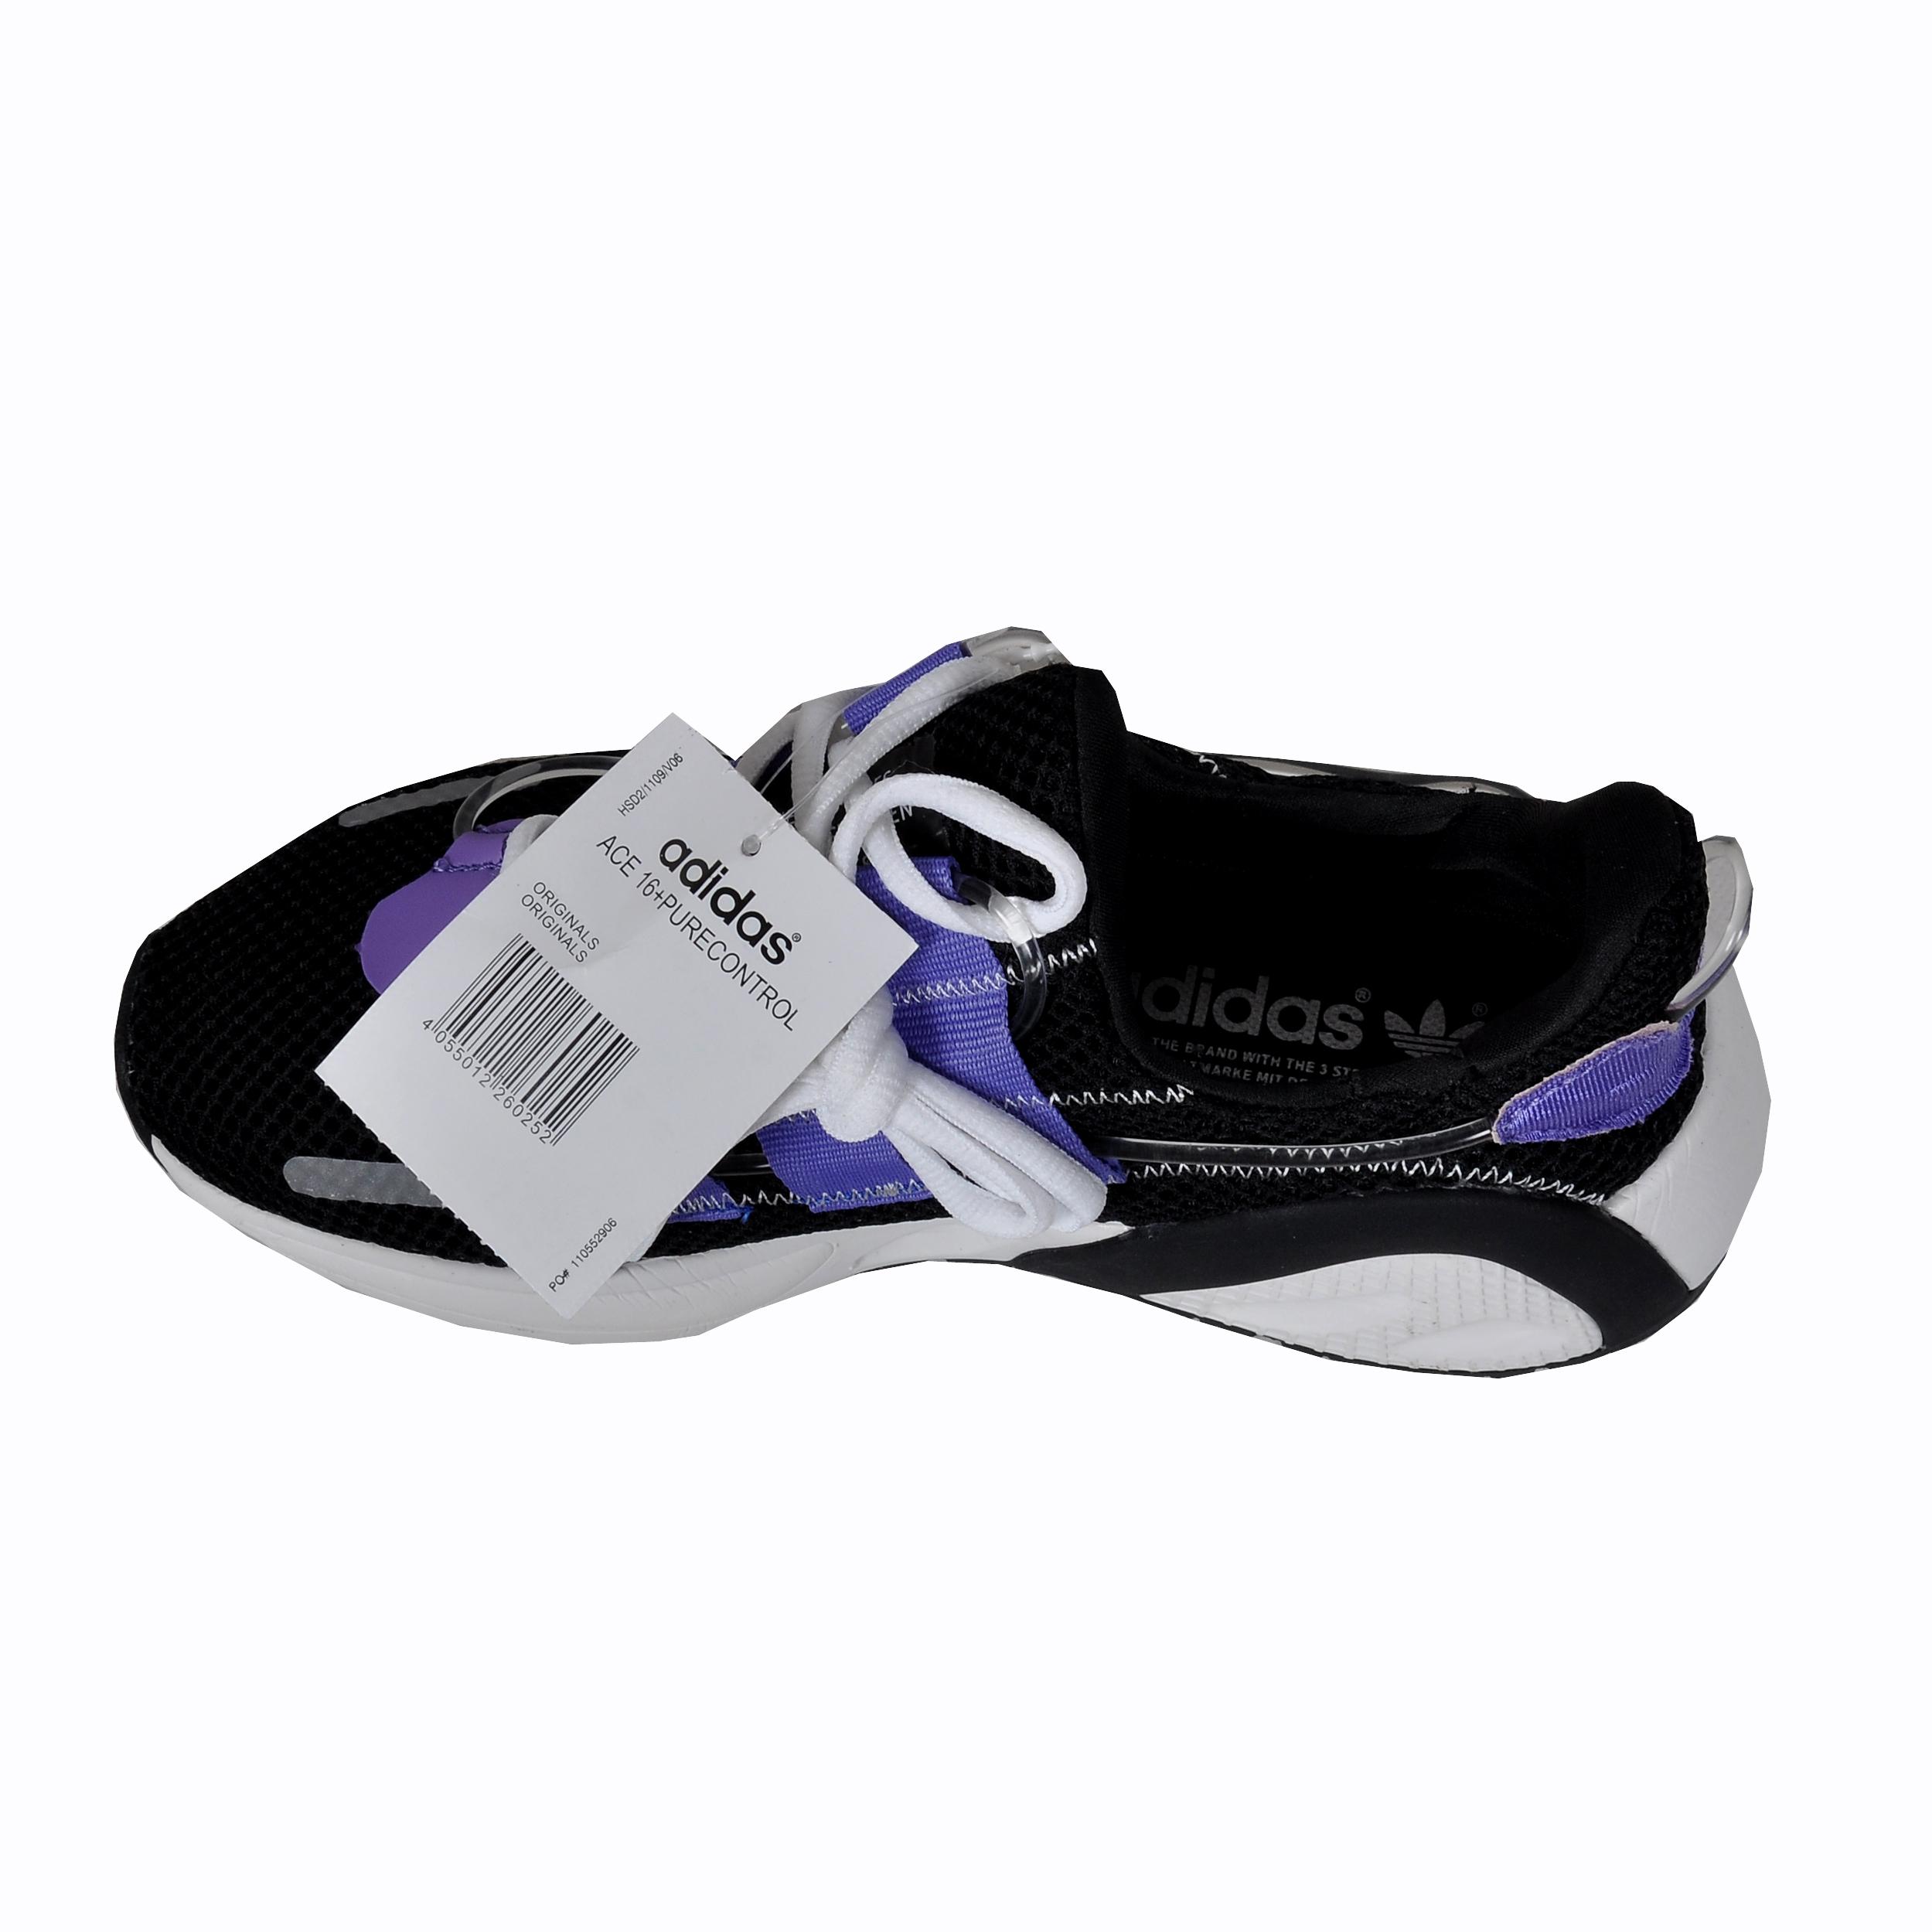 خرید                      کفش پیاده روی آدیداس مدل ACE 16+PURECONTROL